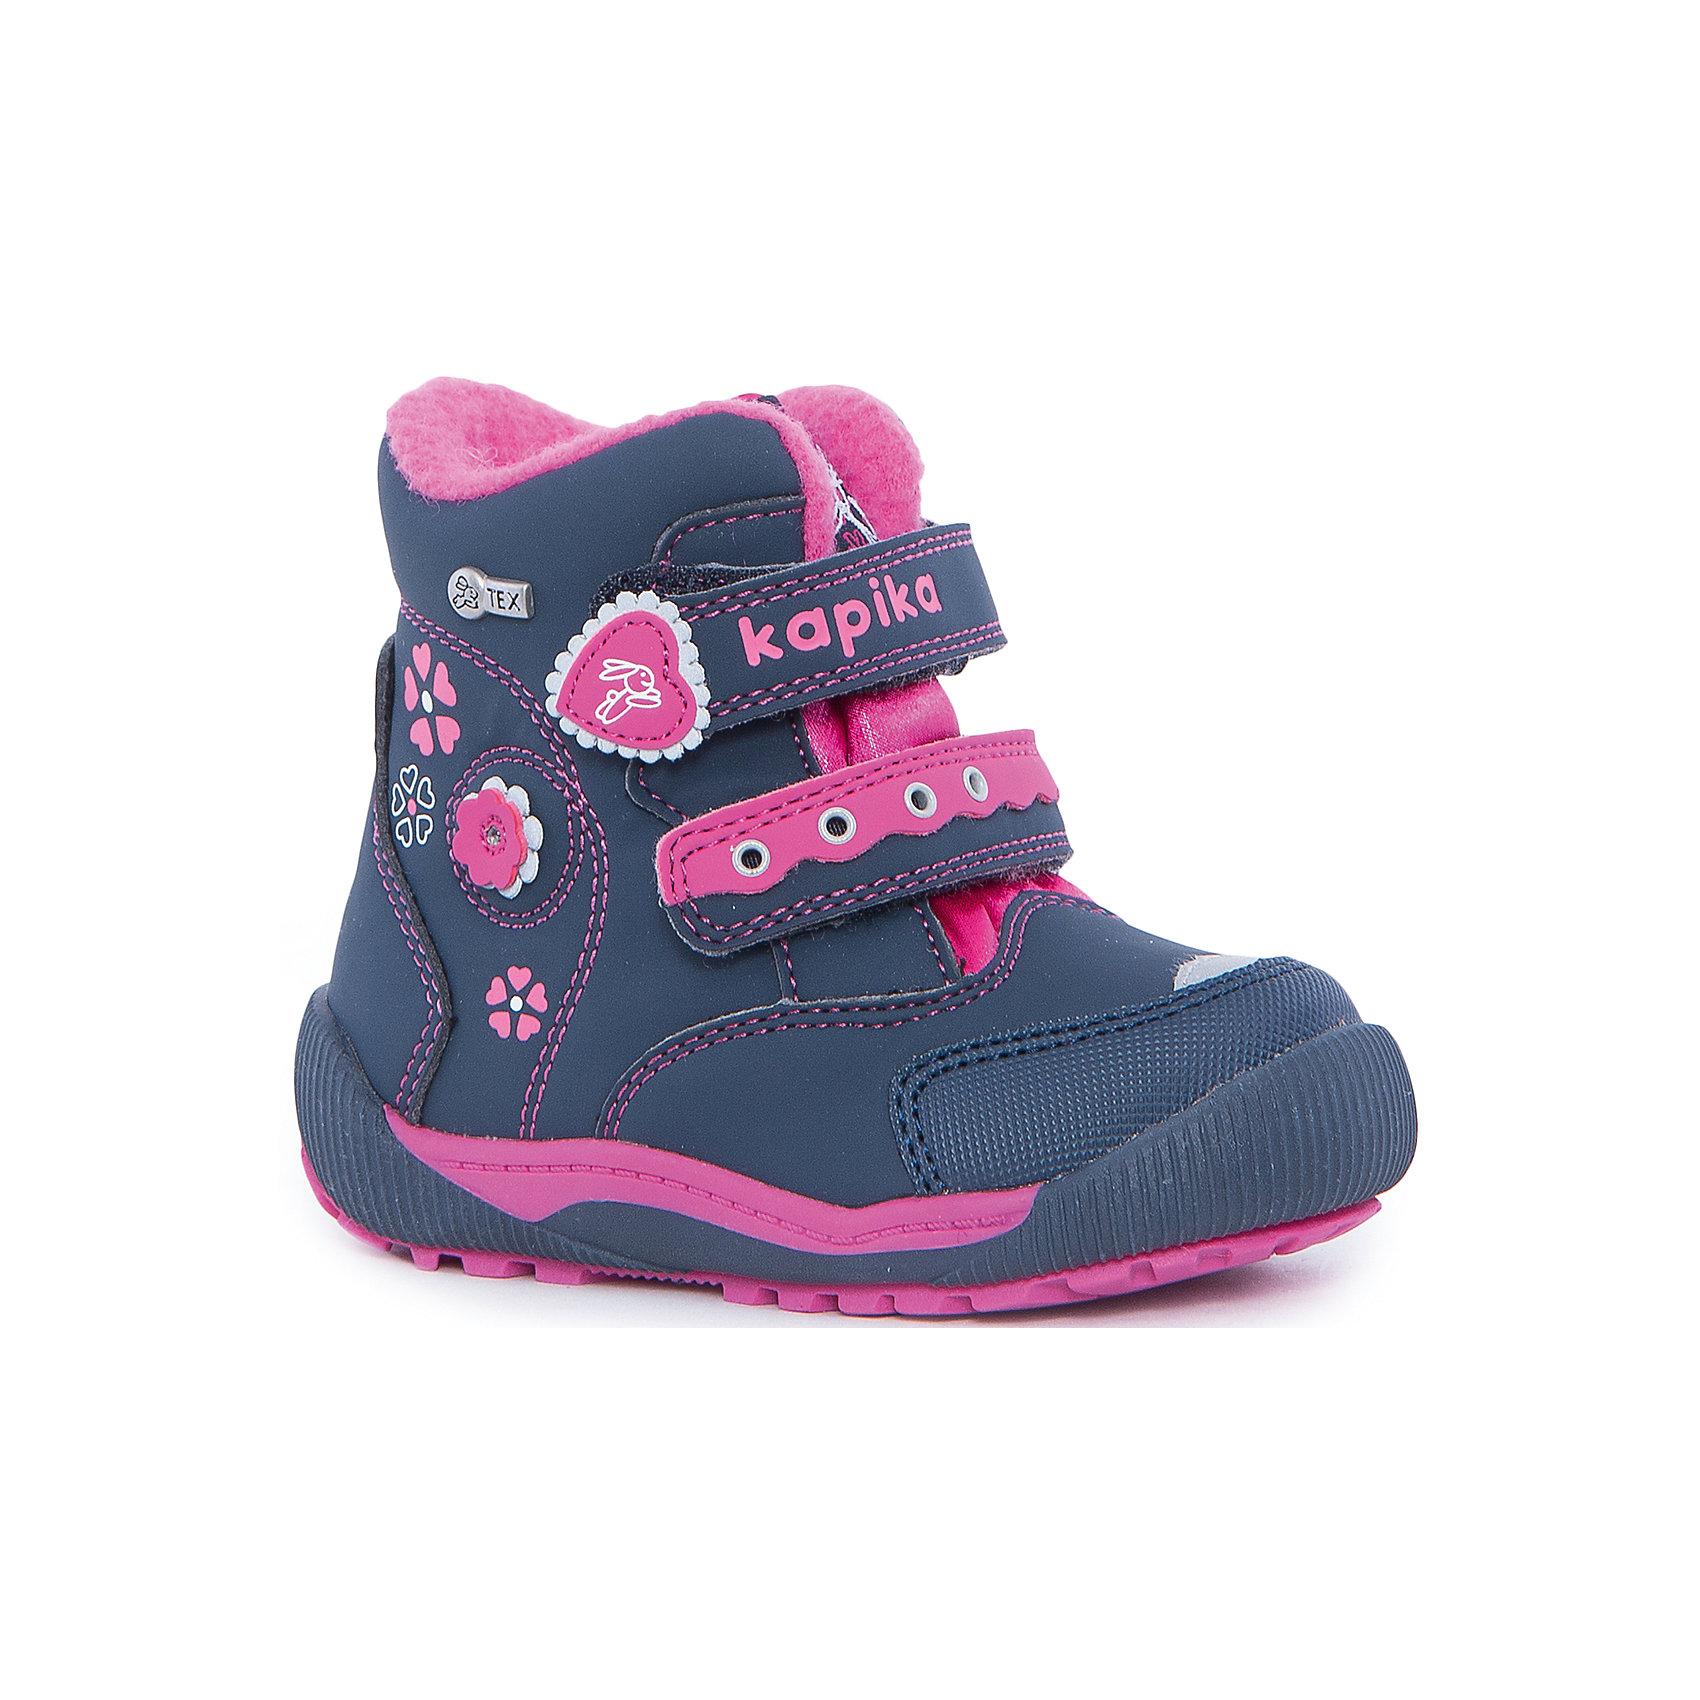 Ботинки для девочки KAPIKAОбувь для малышей<br>Ботинки для девочки KAPIKA.<br><br>Температурный режим: до -20 градусов. Степень утепления – средняя.<br><br>* Температурный режим указан приблизительно — необходимо, прежде всего, ориентироваться на ощущения ребенка. <br><br>Ботинки отлично подойдут для прогулок в холодное время года. С ними прогулки вашей малышки станут еще интереснее и удобнее,ведь они не будут натирать и сковывать движение. Порадуйте себя и свою малышку  таким замечательным подарком. <br><br>Характеристика:<br>-Цвет: синий+розовый<br>-Материал: снаружи- текстиль + искусственная кожа,                       подкладка:текстиль(шерсть 80%)<br>-Застёжка: две липучки<br>-Бренд: KAPIKA(КАПИКА)<br>-Сезон: осень-зима<br><br>Ботинки  для девочки KAPIKA  вы можете приобрести в нашем интернет- магазине.<br><br>Ширина мм: 262<br>Глубина мм: 176<br>Высота мм: 97<br>Вес г: 427<br>Цвет: розовый<br>Возраст от месяцев: 15<br>Возраст до месяцев: 18<br>Пол: Женский<br>Возраст: Детский<br>Размер: 22,26,25,24,23<br>SKU: 4987827